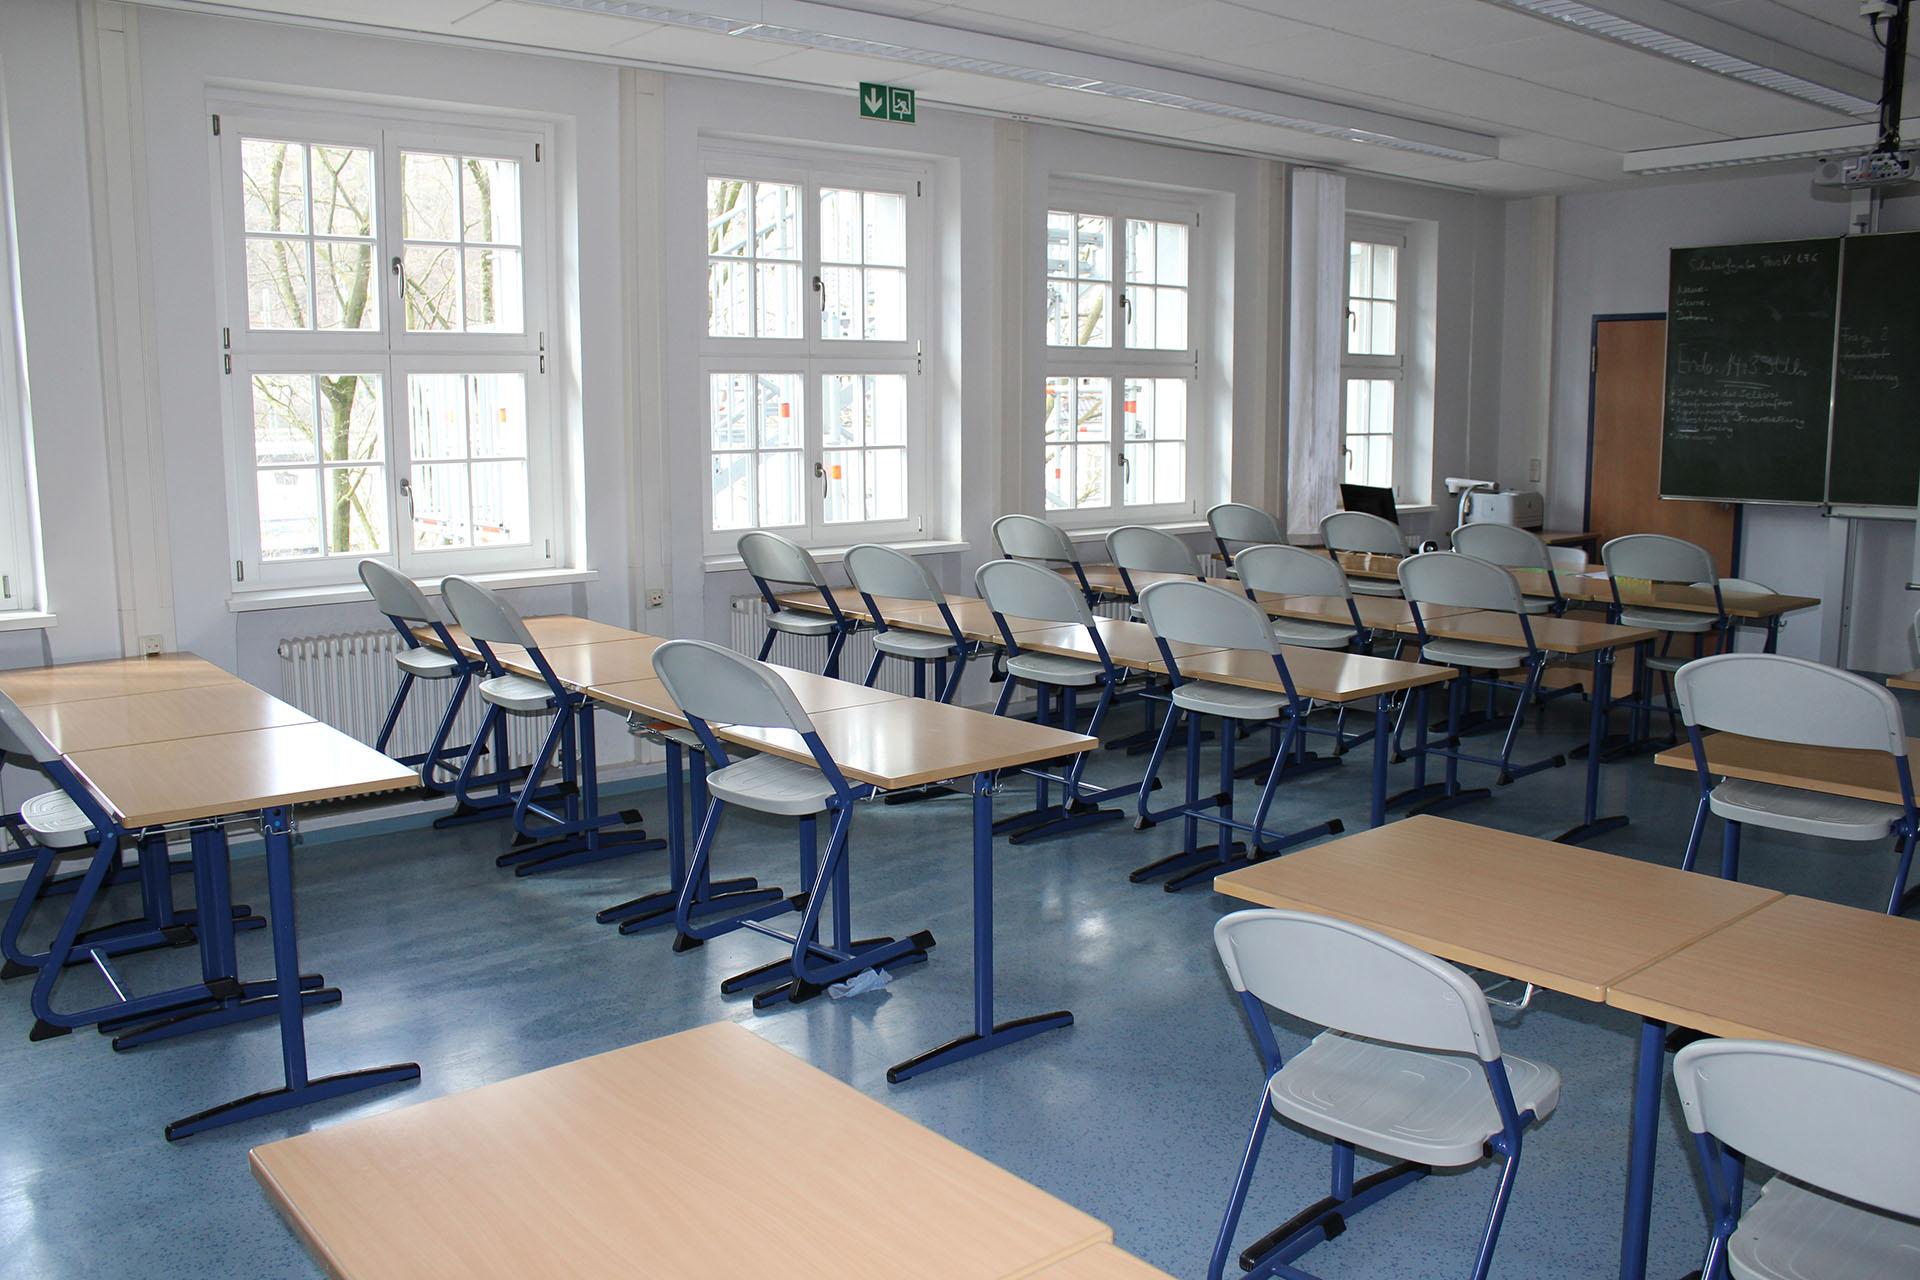 großes Klassenzimmer